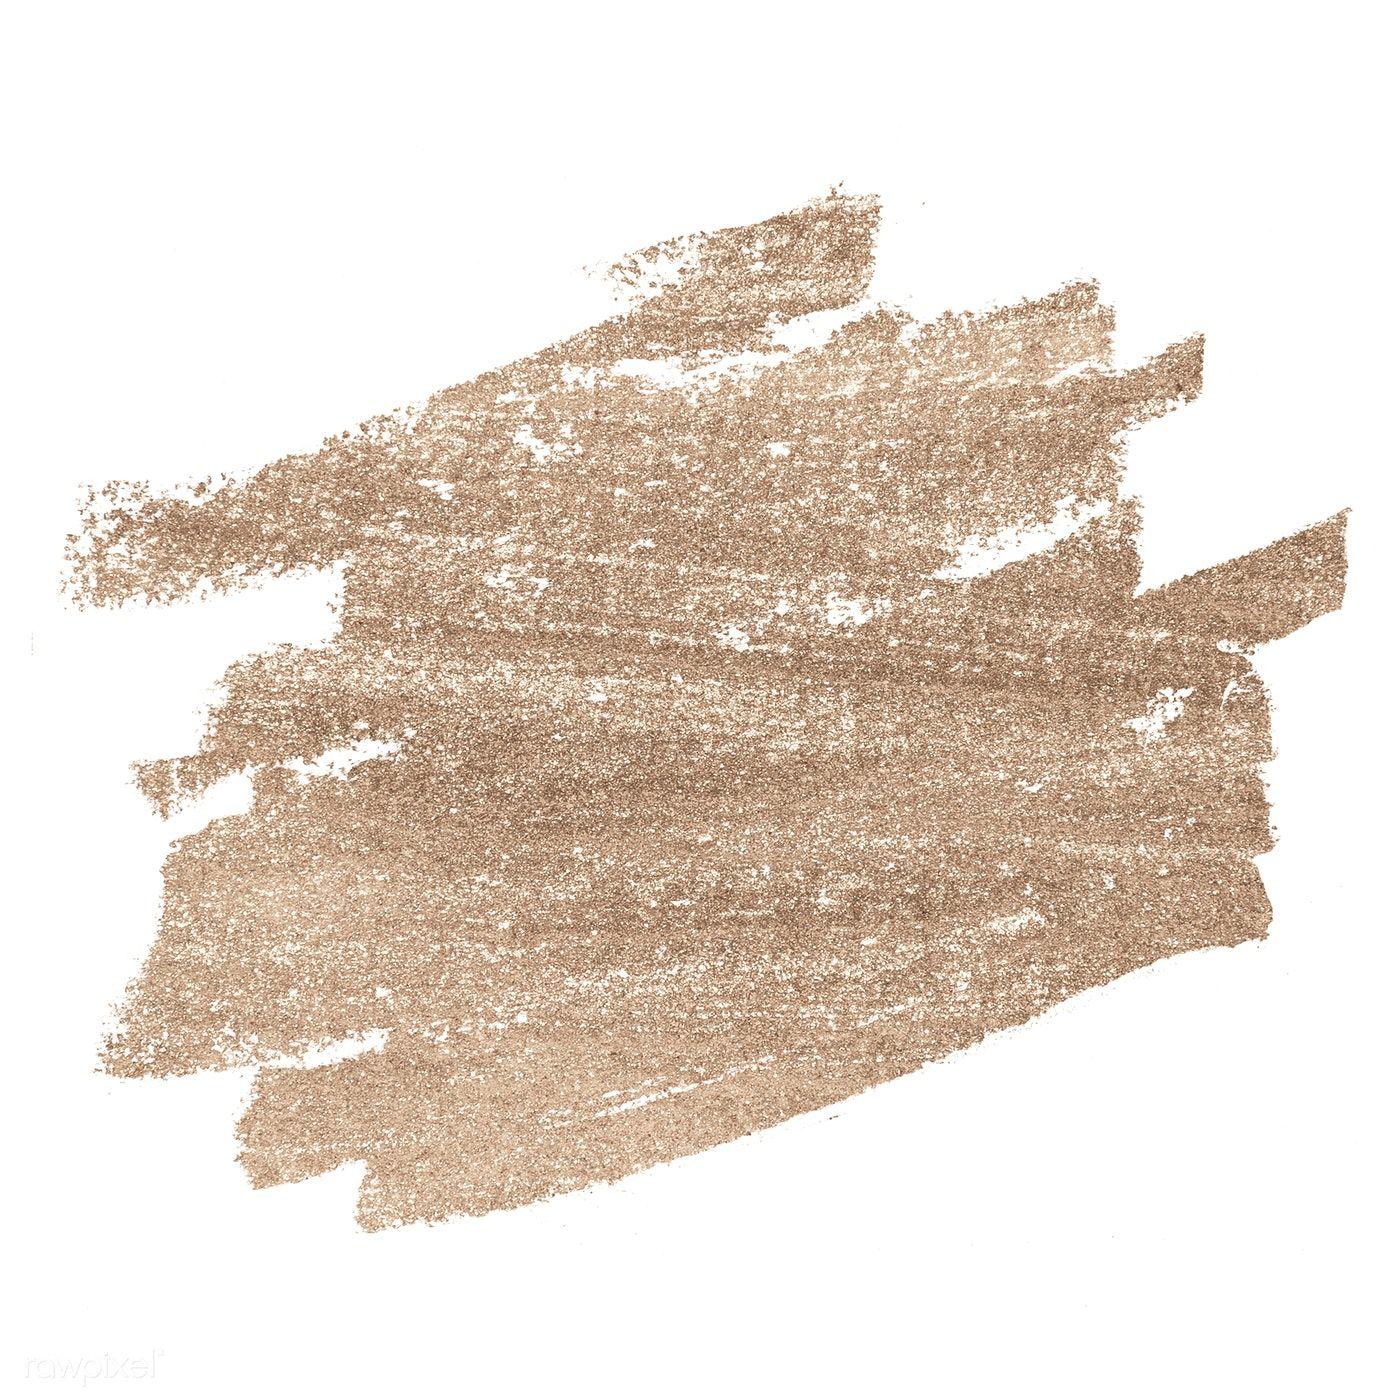 Download Premium Psd Of Festive Shimmery Brown Brush Stroke 552833 Brush Strokes Floral Poster Framed Wallpaper